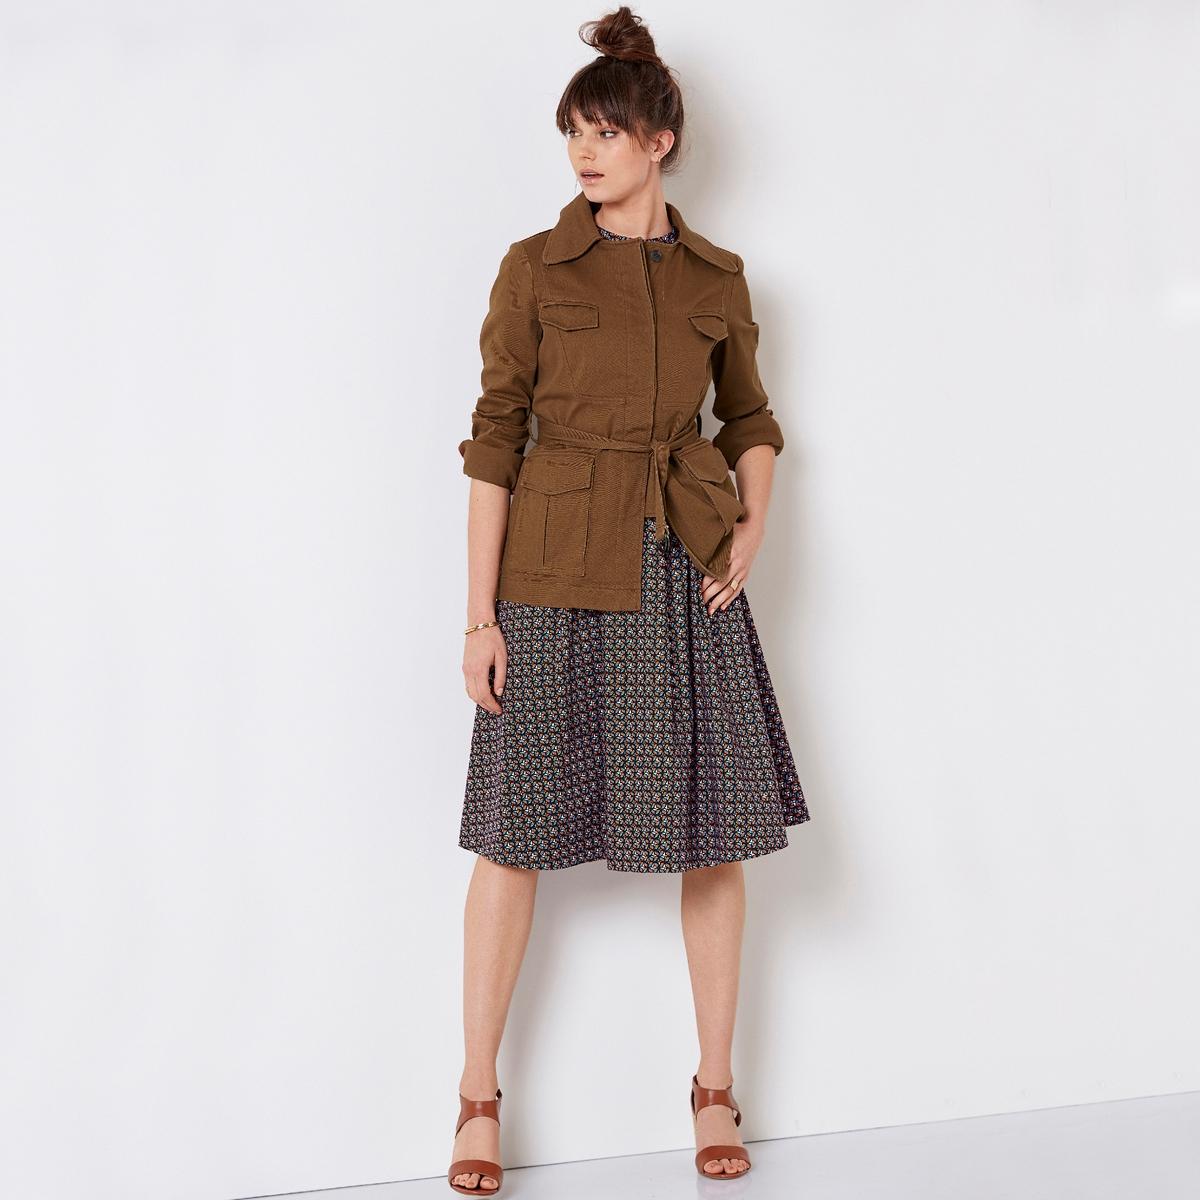 Жакет в стиле милитариНе выходящий из моды образ для летнего сезона, его можно носить с брюками с принтом или юбкой-карандаш, чтобы подчеркнуть фигуру.<br><br>Цвет: темно-бежевый<br>Размер: 34 (FR) - 40 (RUS)